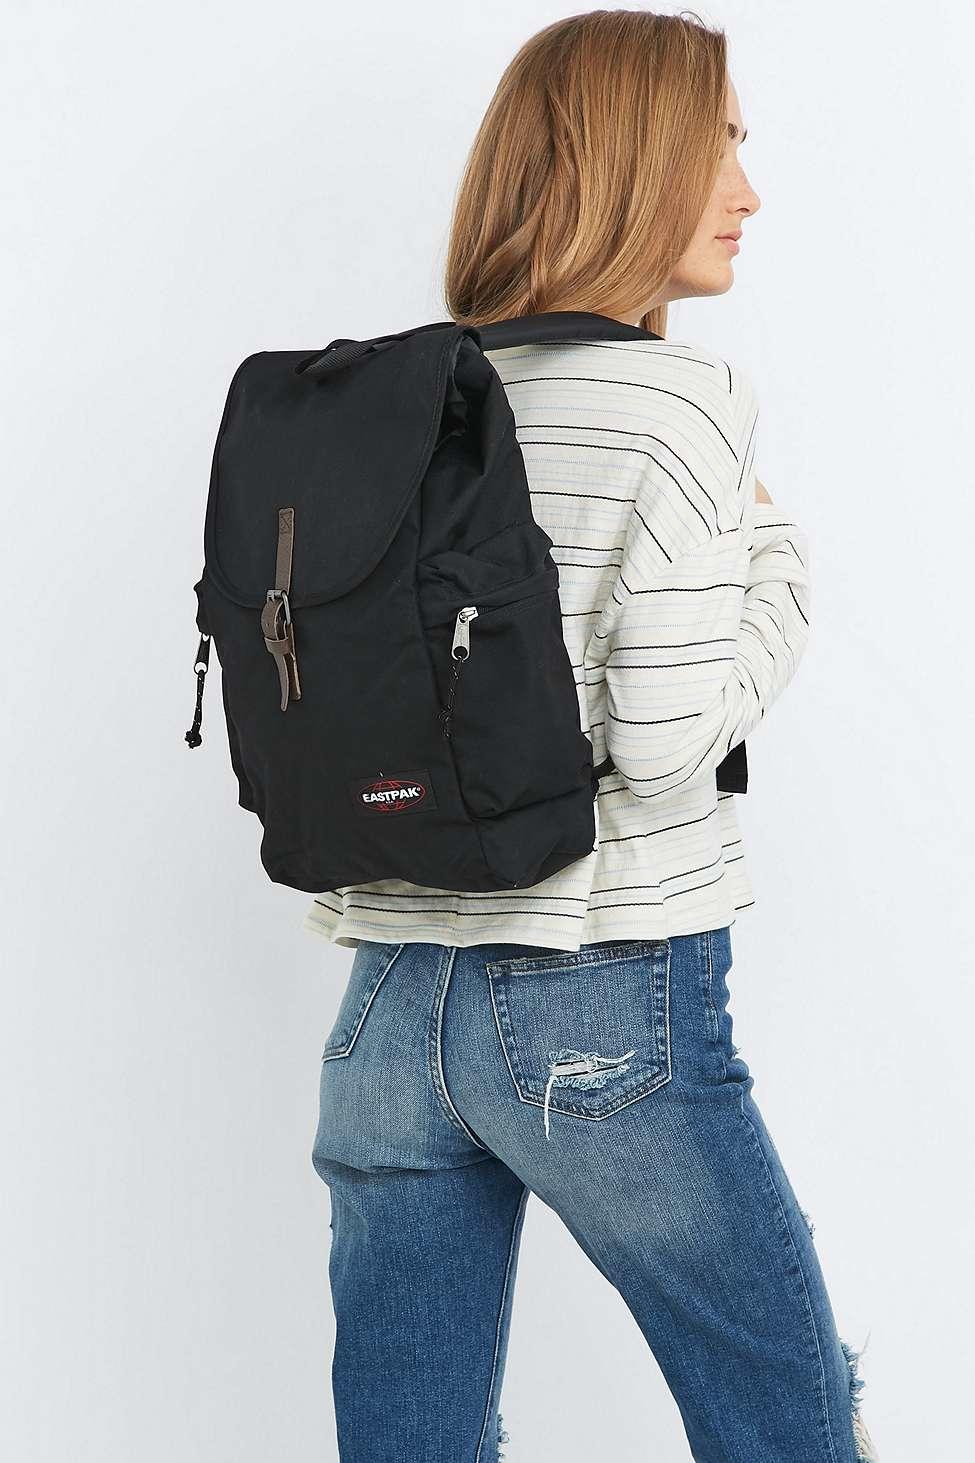 eastpak austin black backpack in black